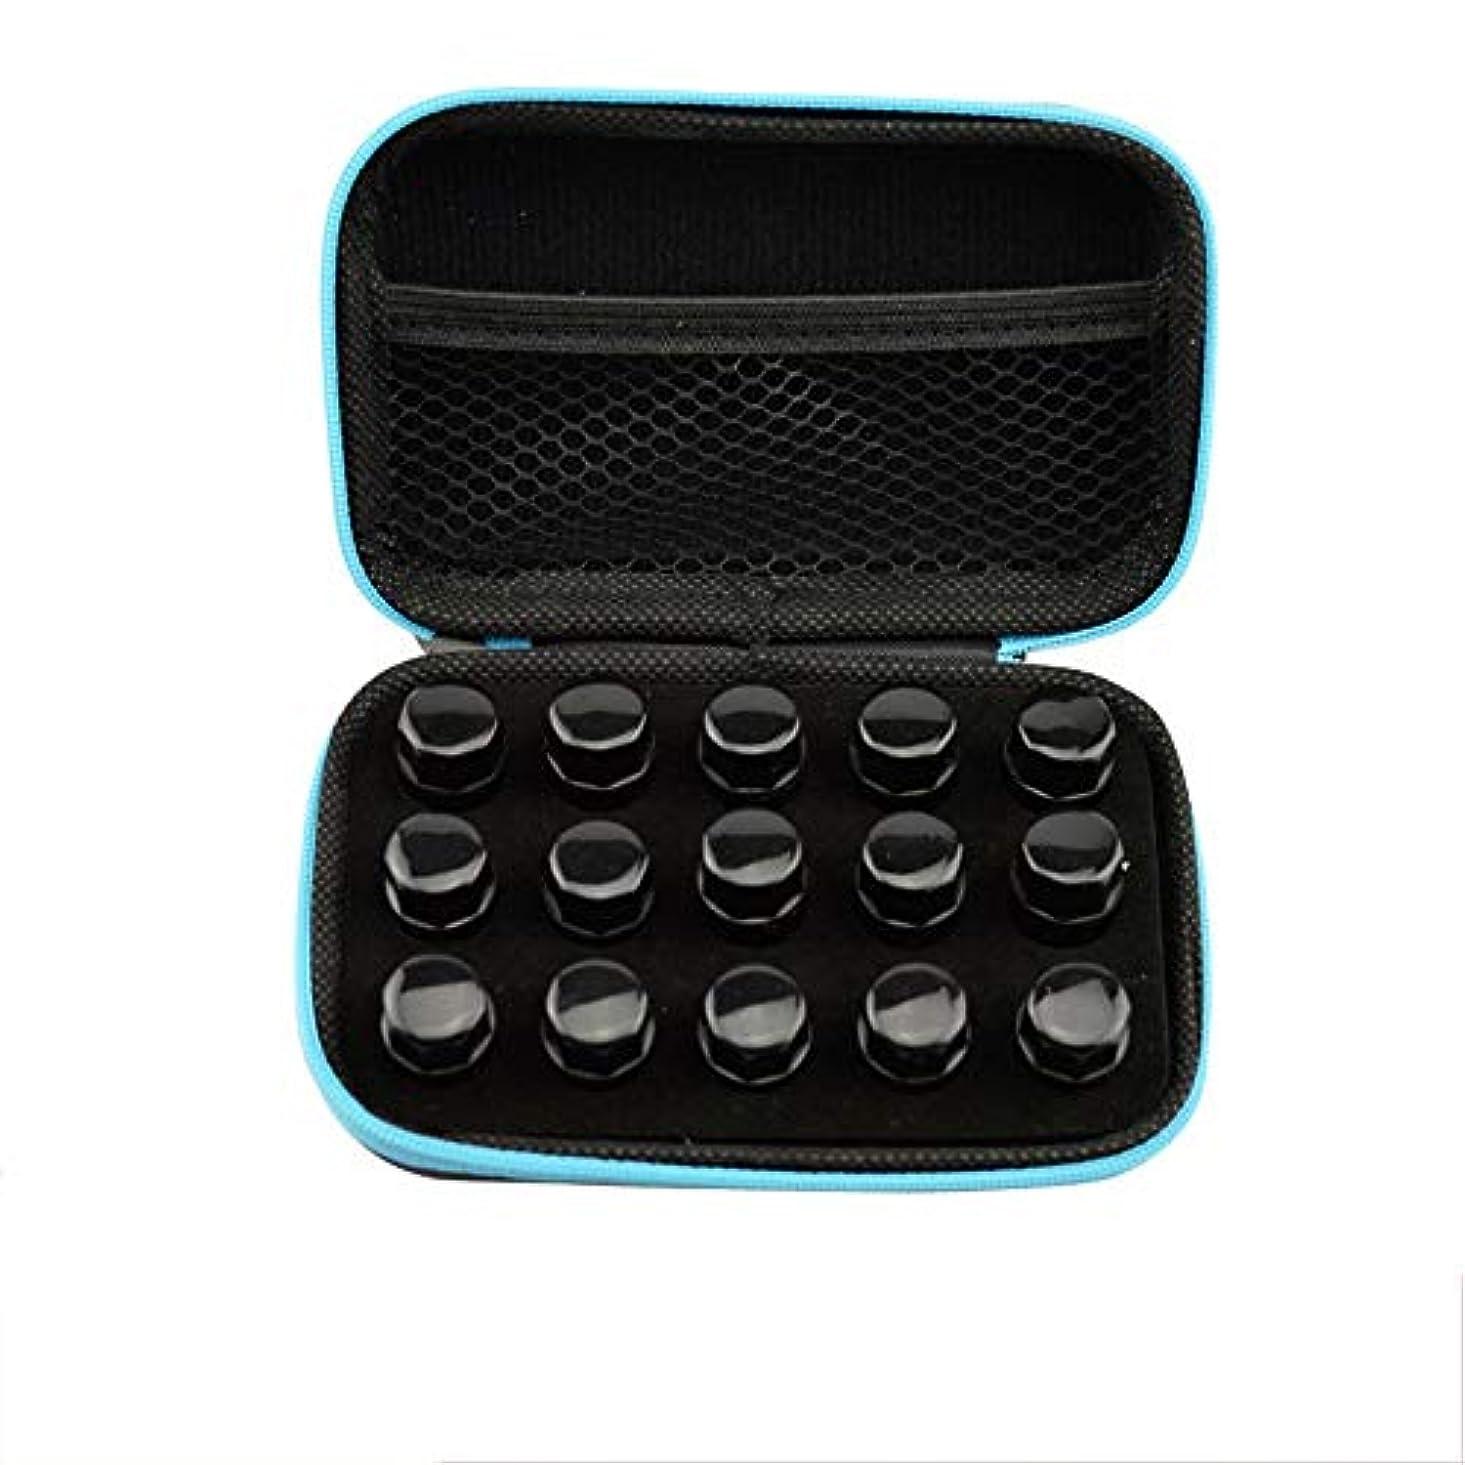 精油ケース ローラーと標準ボトル1?2ミリリットルブラックパーフェクトケースバッグエッセンシャルオイルケースキャリング15本のスロットミニローラーボトル 携帯便利 (色 : ブラック, サイズ : 8.5X13.5X4.5CM)